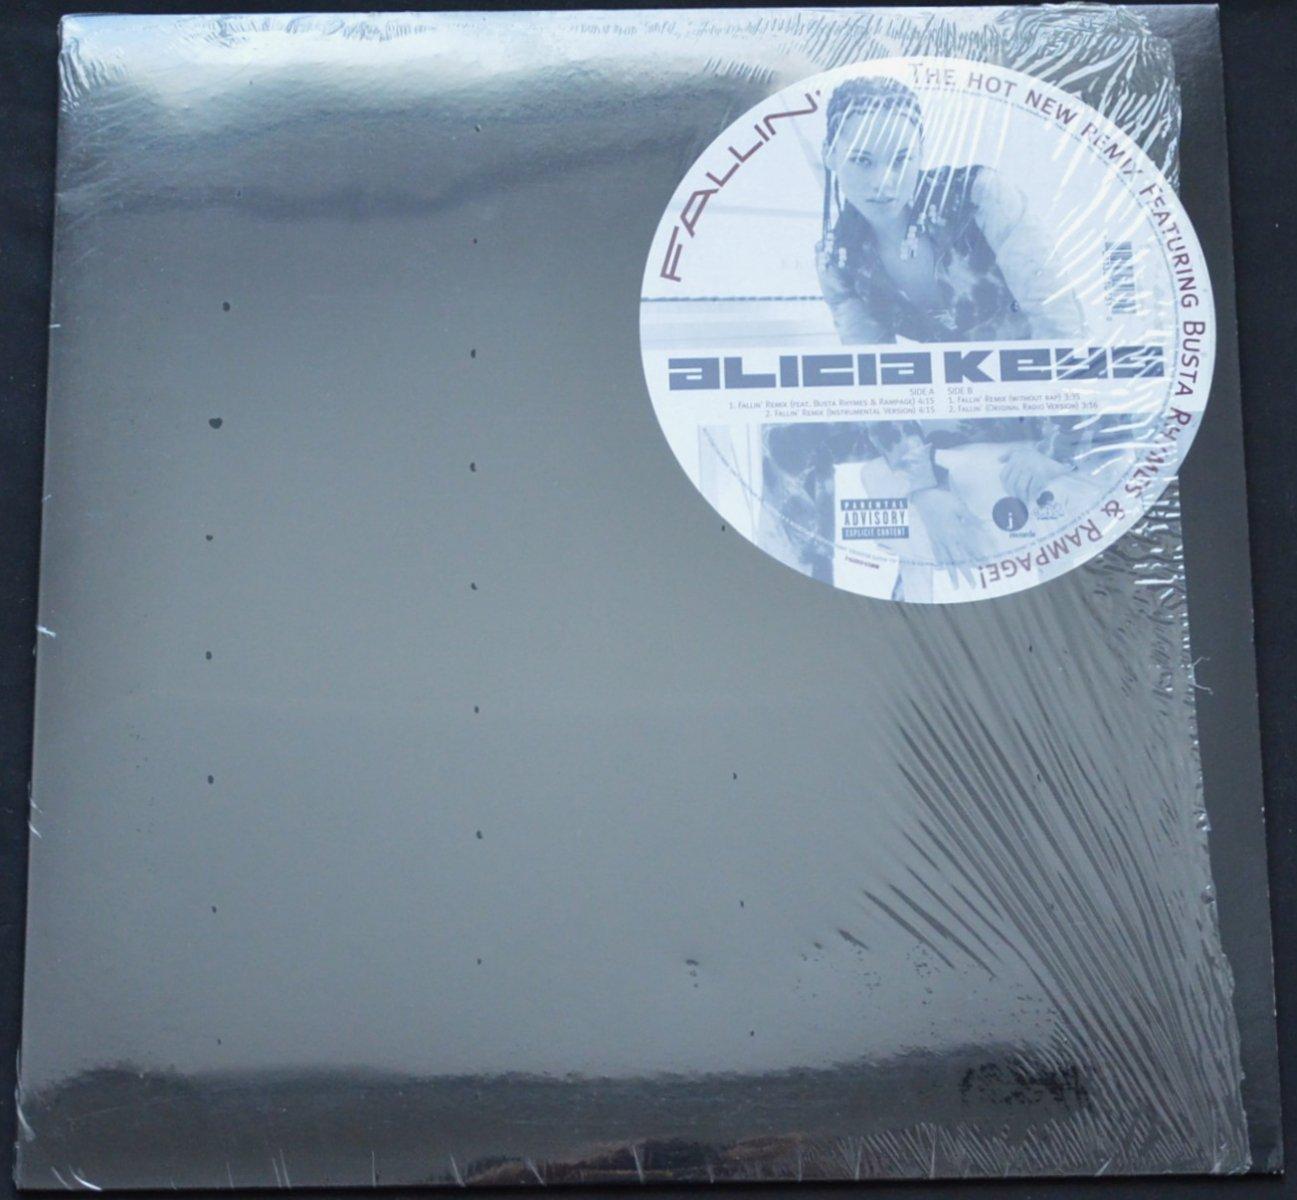 ALICIA KEYS / FALLIN' - REMIX (FETA.BUSTA RHYMES,RAMPAGE) (12